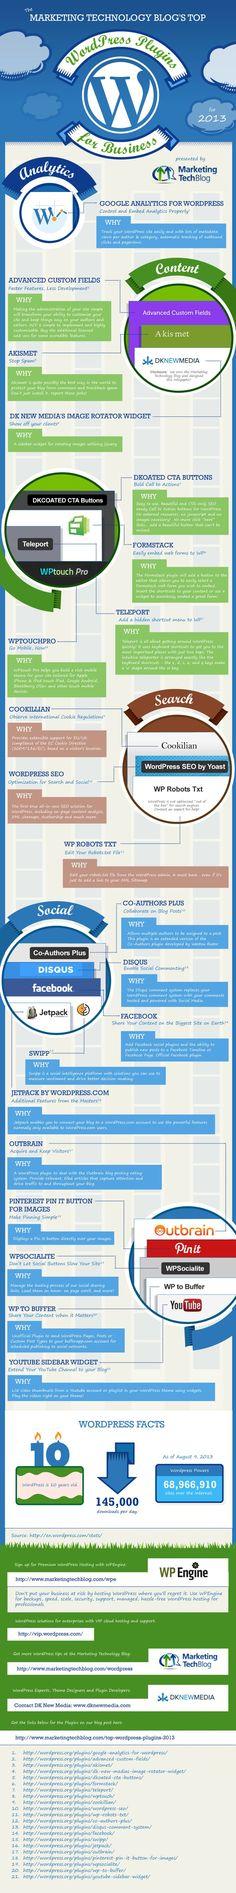 Wordpress Plugins for Small Business #infographic #wordpress  http://passiveonlineincome.biz/pin